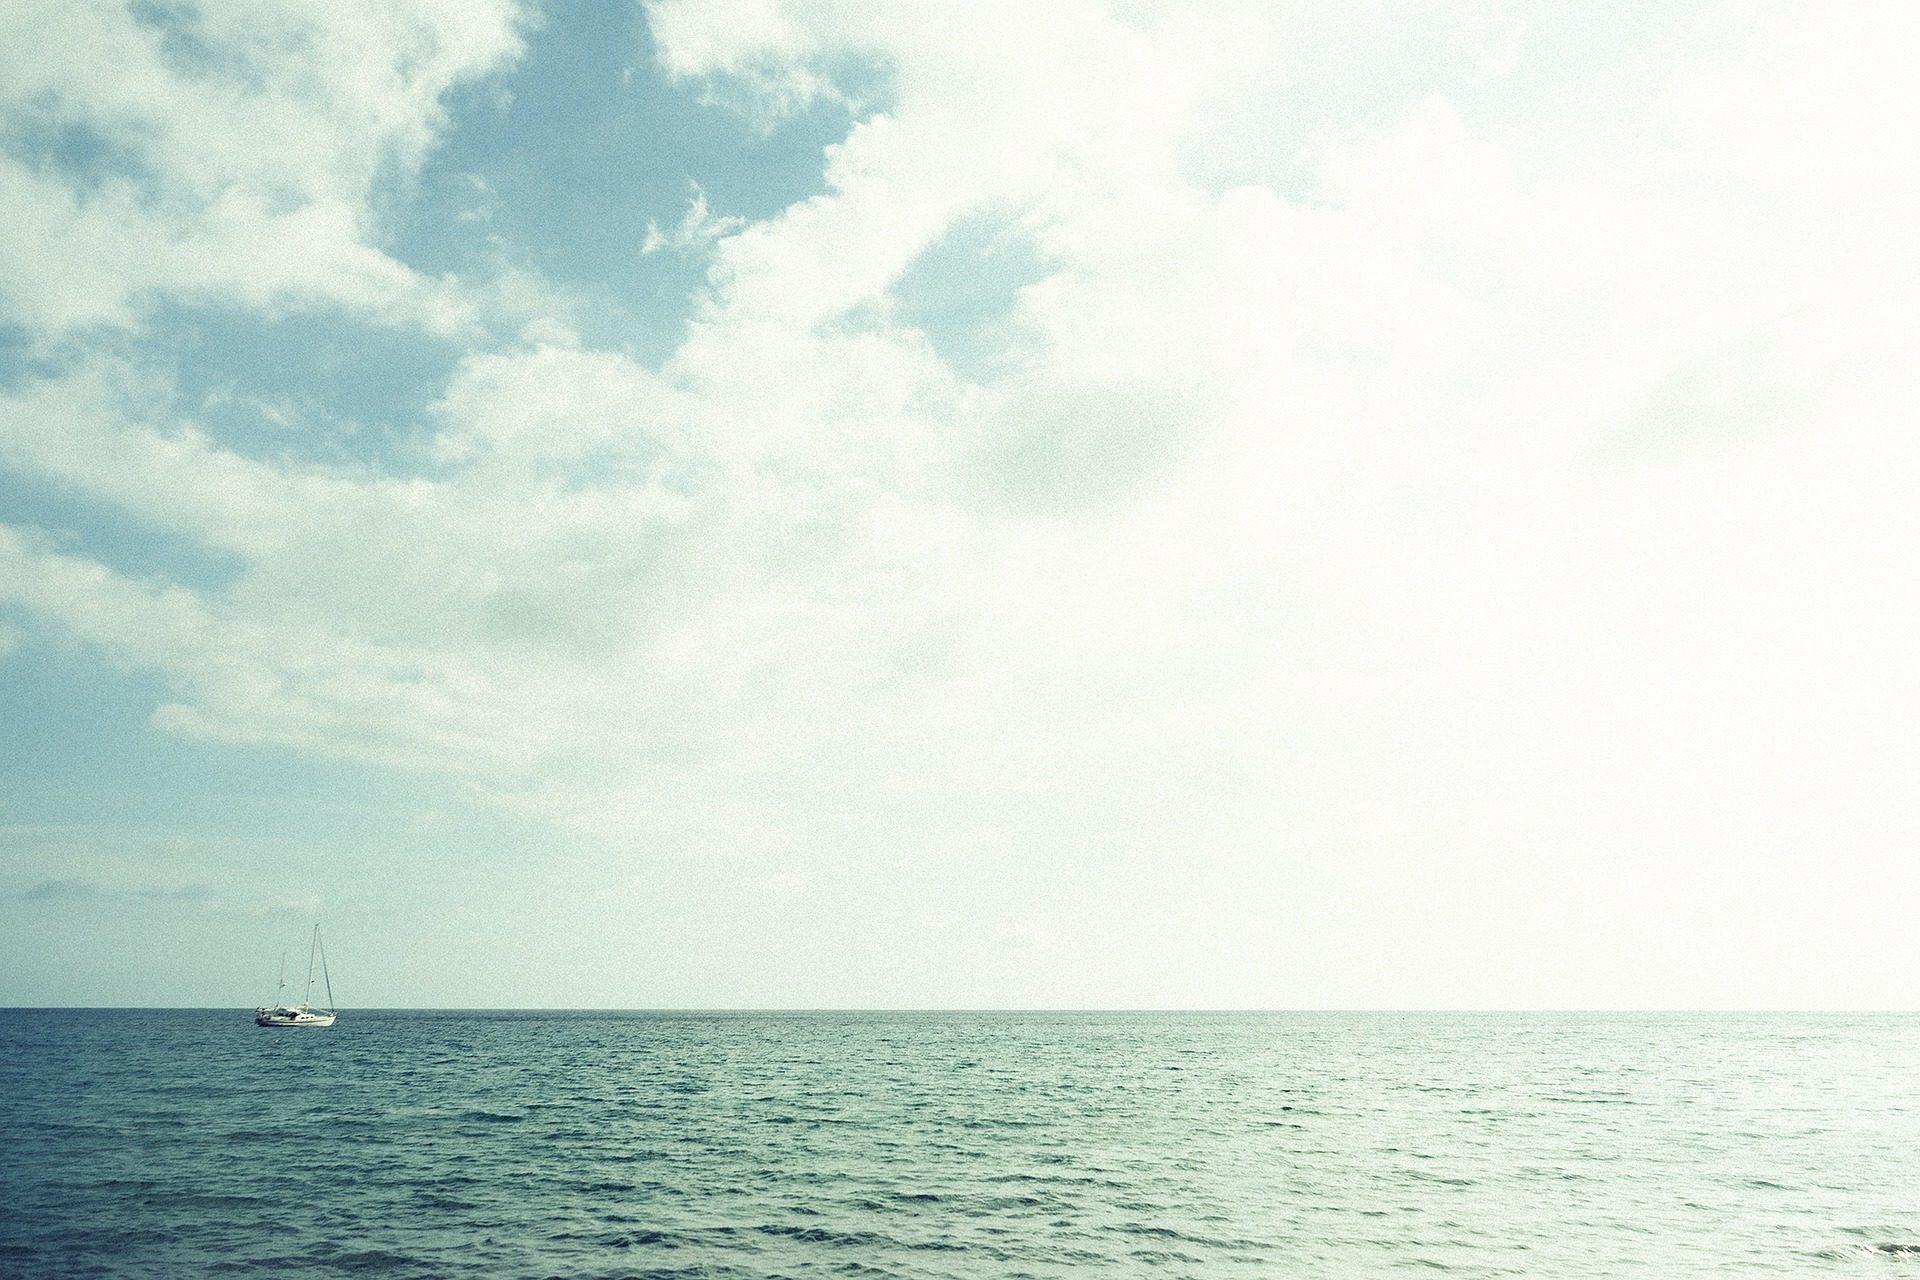 البحر, المحيط, الأفق, قارب, السماء, السحب. - خلفيات عالية الدقة - أستاذ falken.com